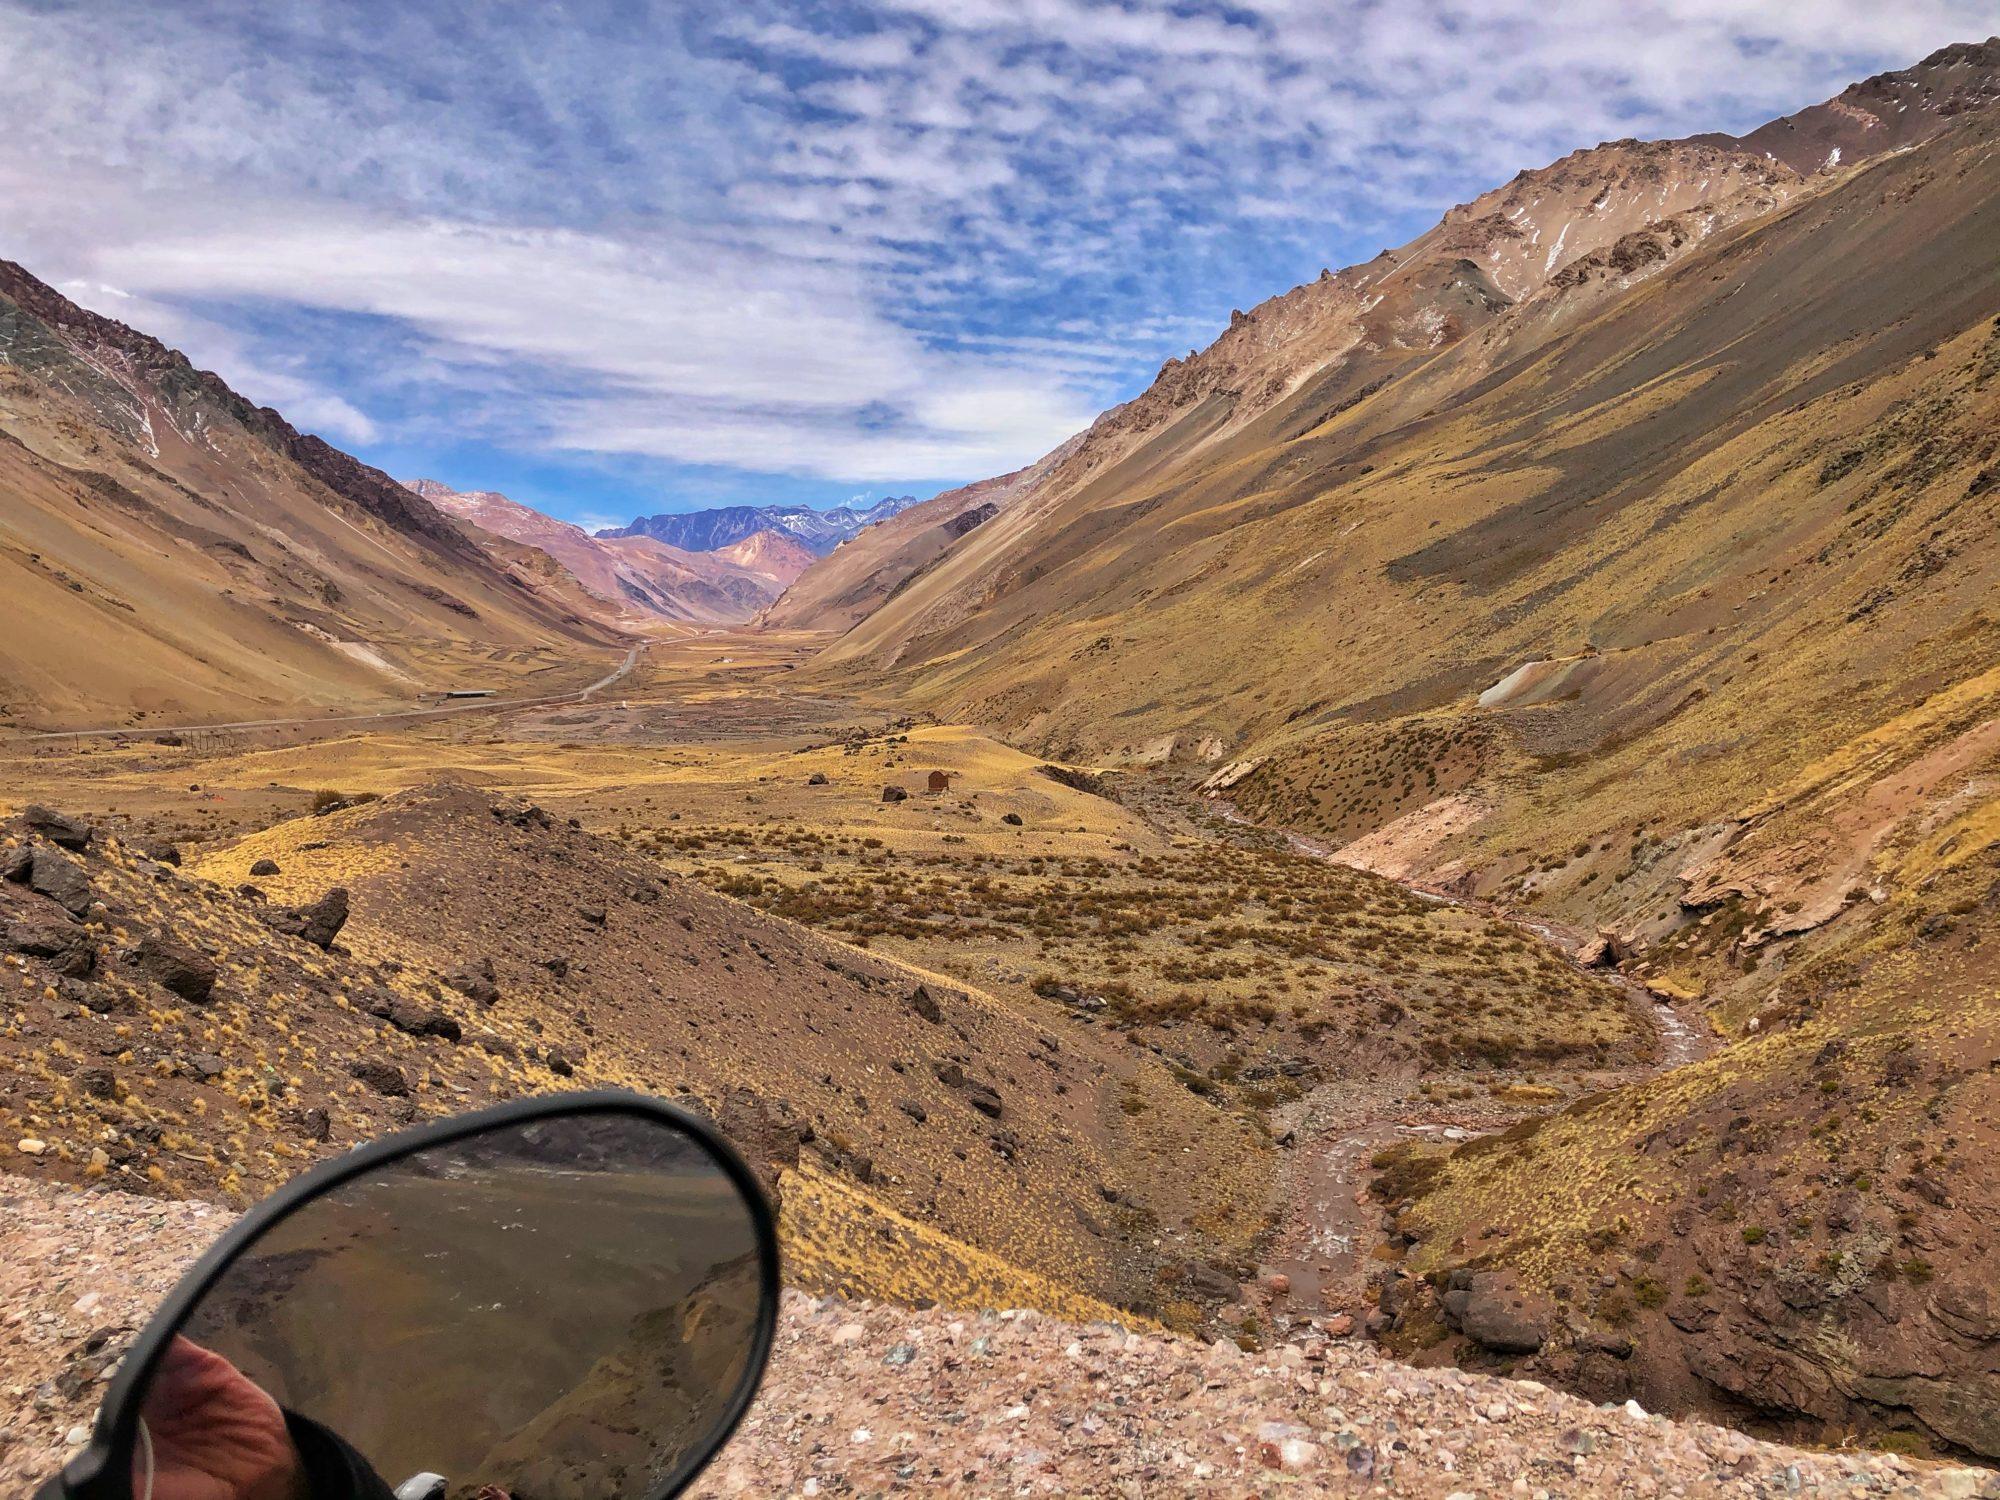 Kaum in Argentinien und schon blauer Himmel und bestes Wetter